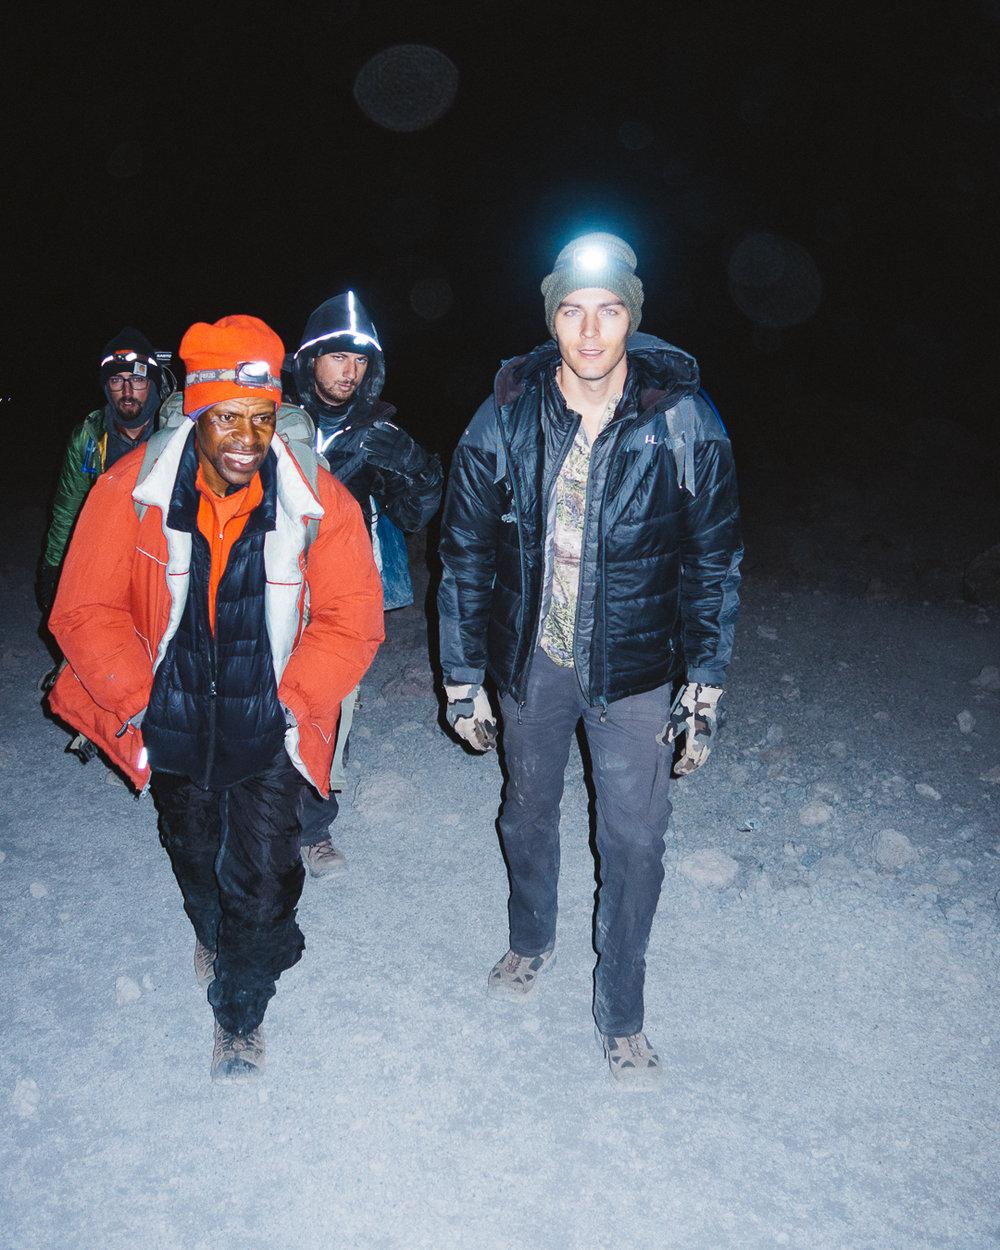 captainbarto-blog-adambartoshesky-misterspoils-mtkilimanjaro-tanzania-october2017-day7235.jpg